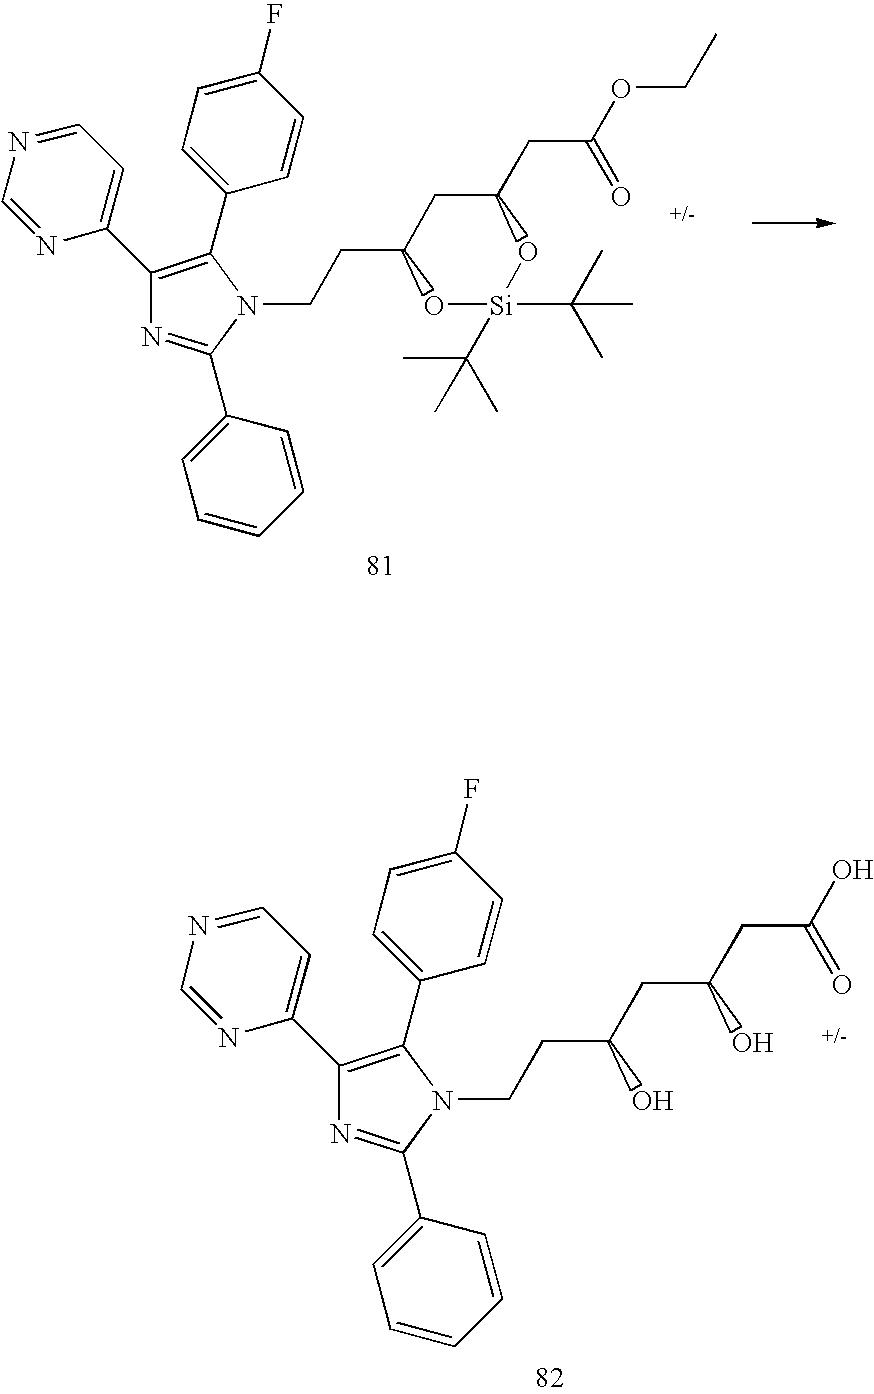 Figure US07183285-20070227-C00213